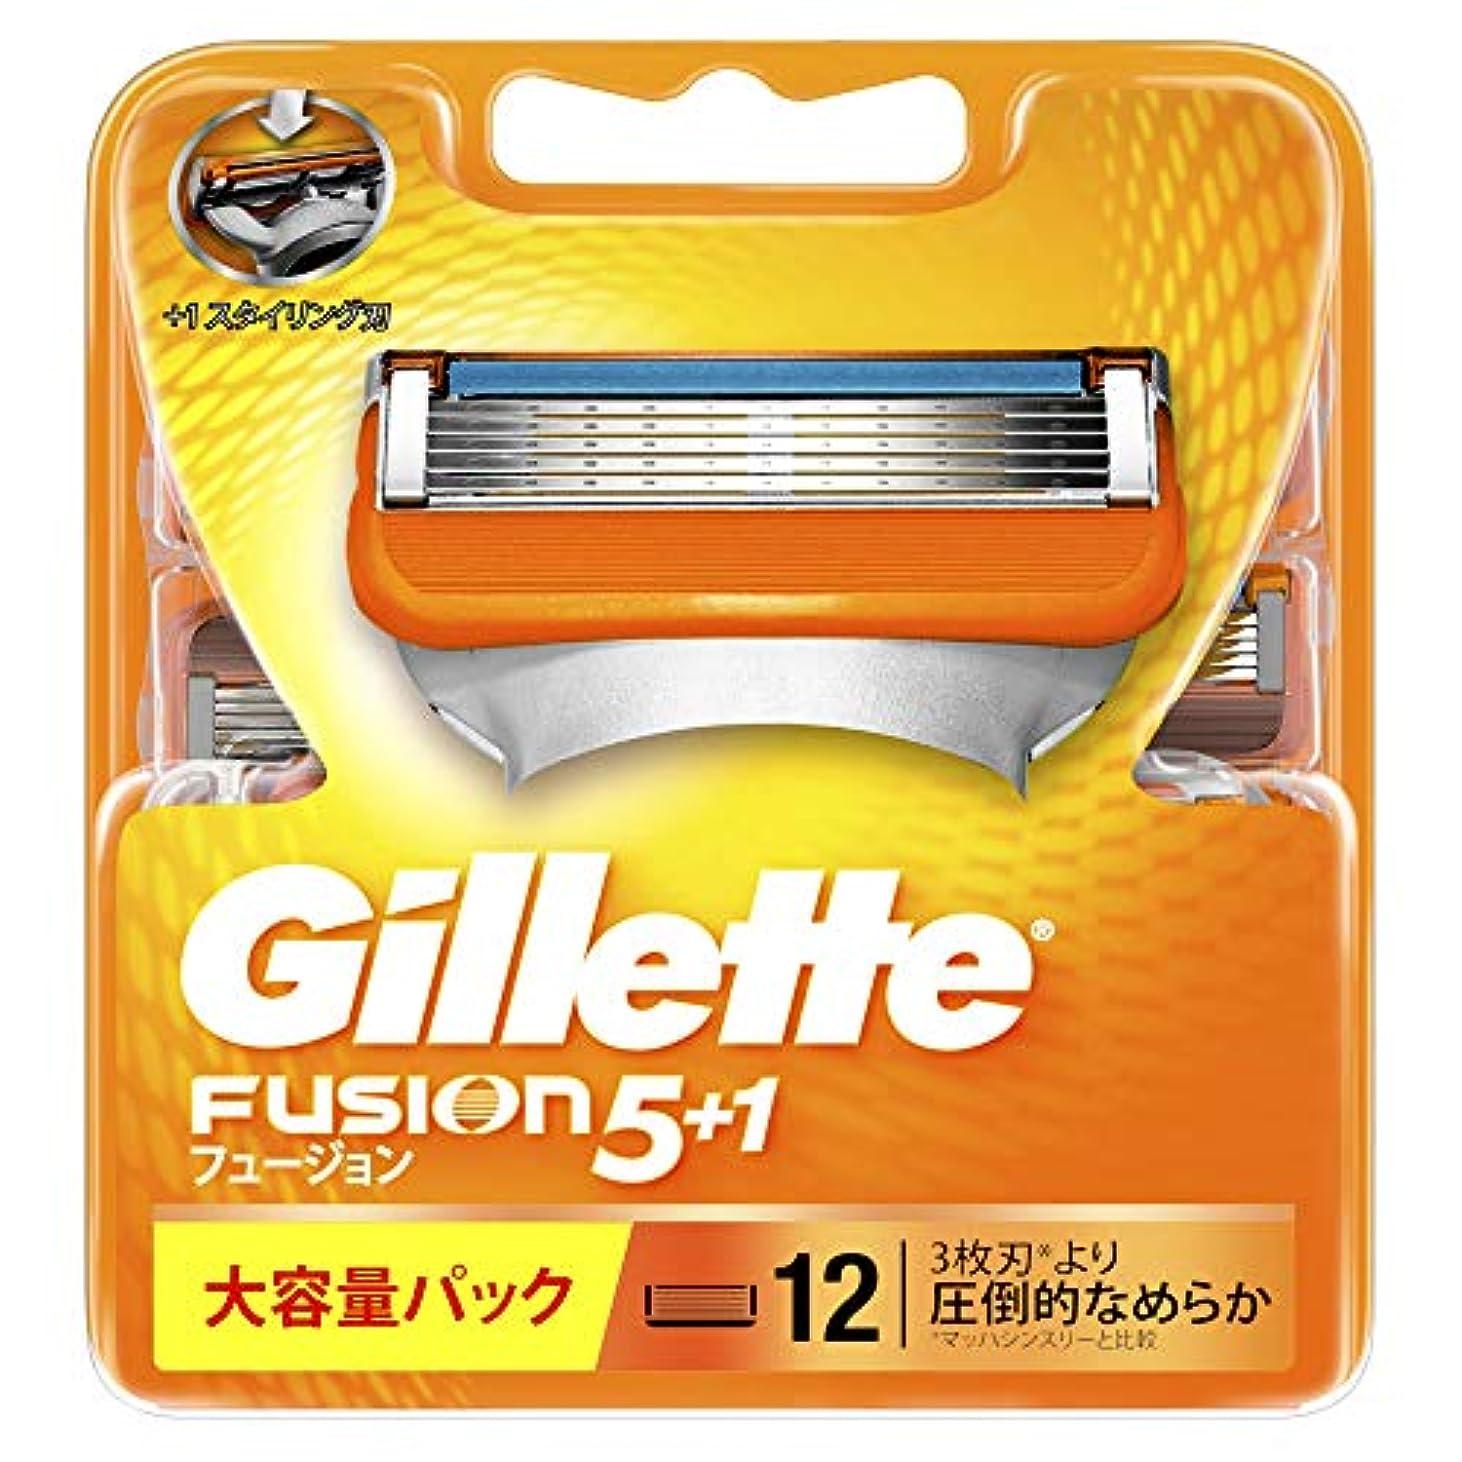 ジレット フュージョン5+1 マニュアル 髭剃り 替刃 12コ入